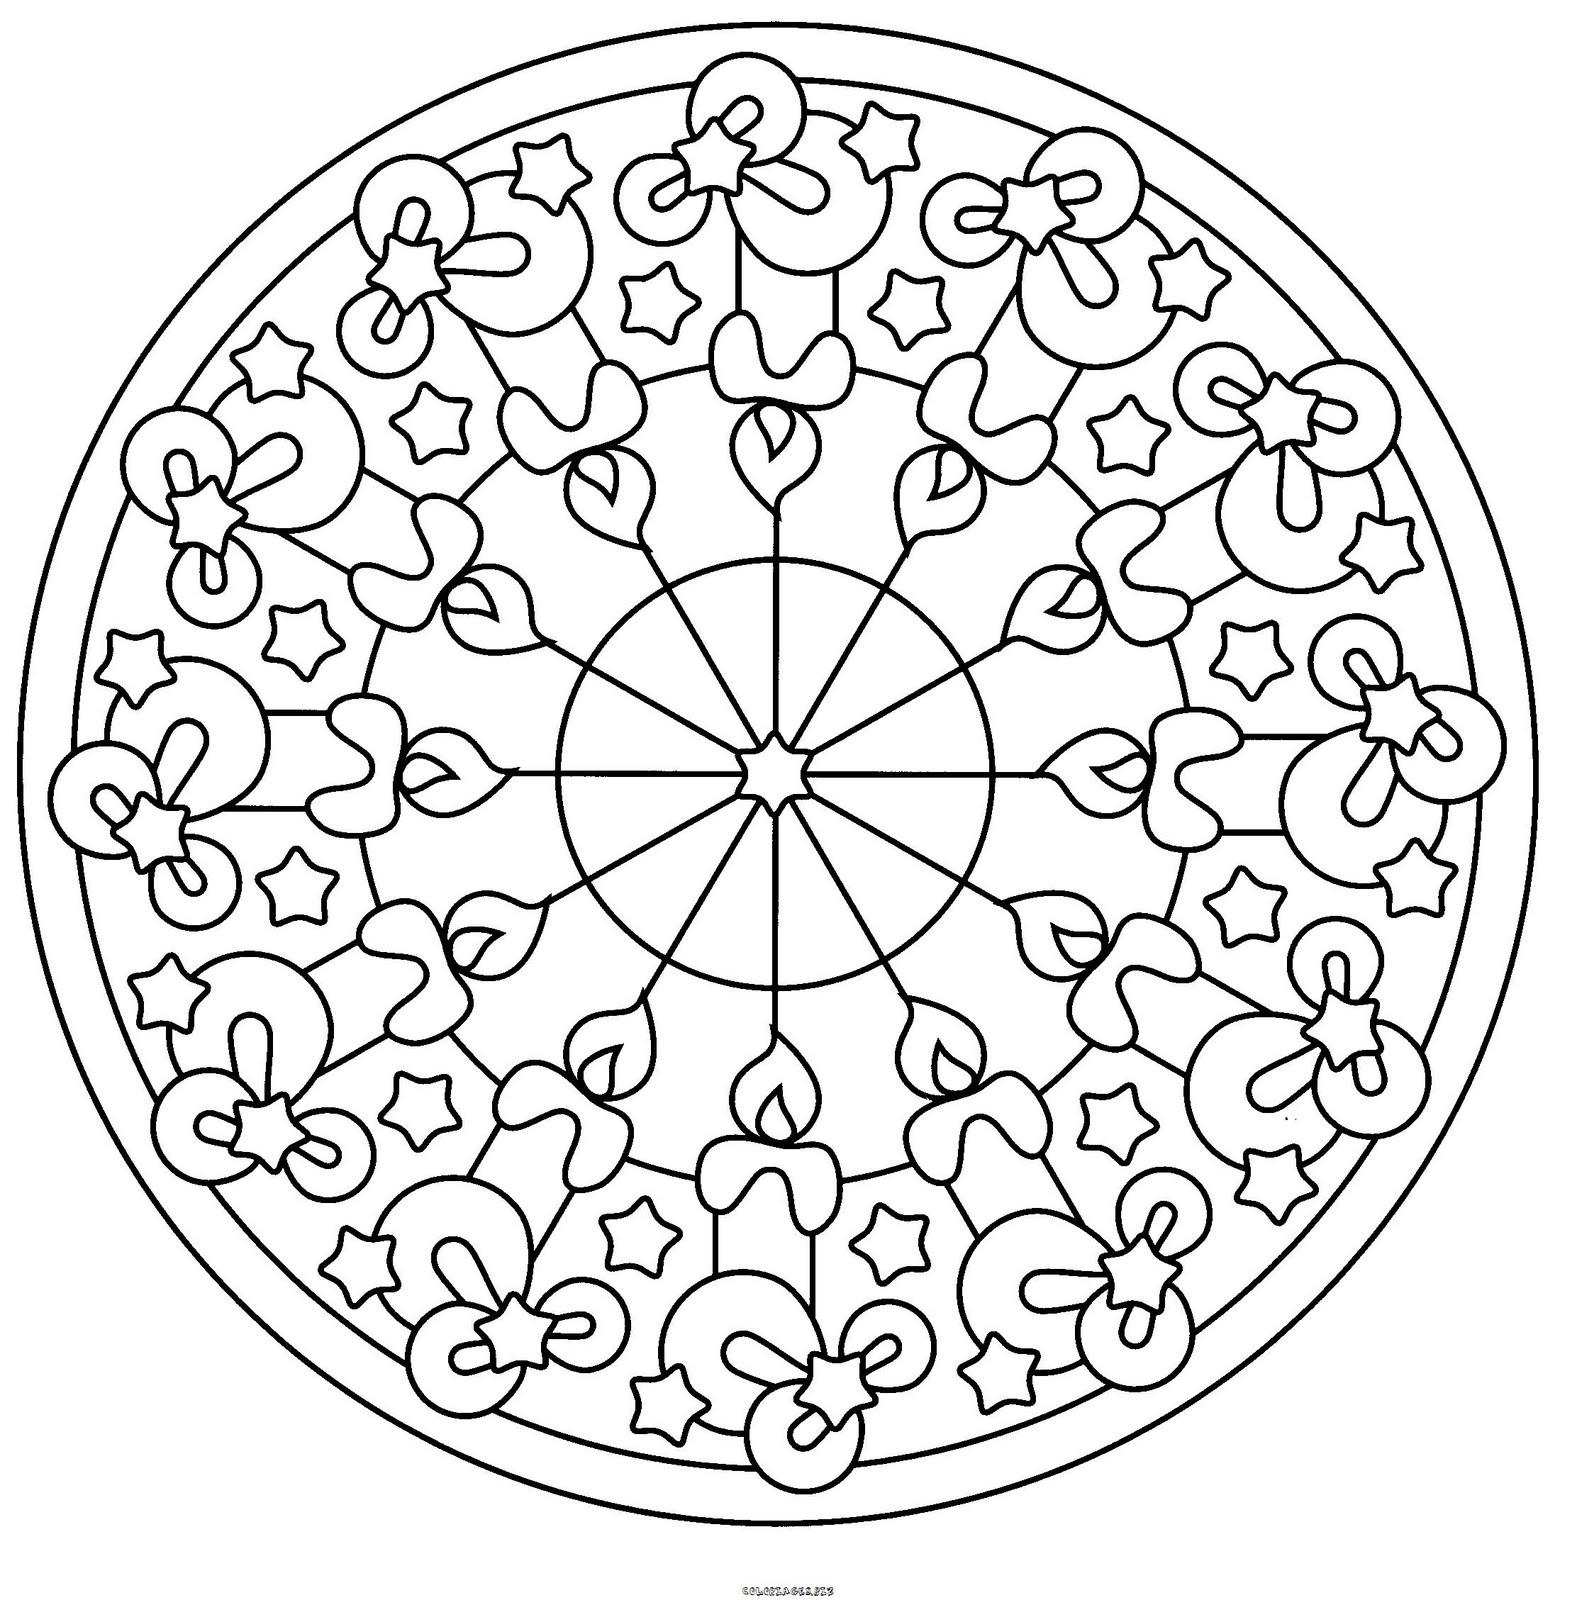 Imagens para colorir em alta - Mandalas para Colorir em Alta Qualidade